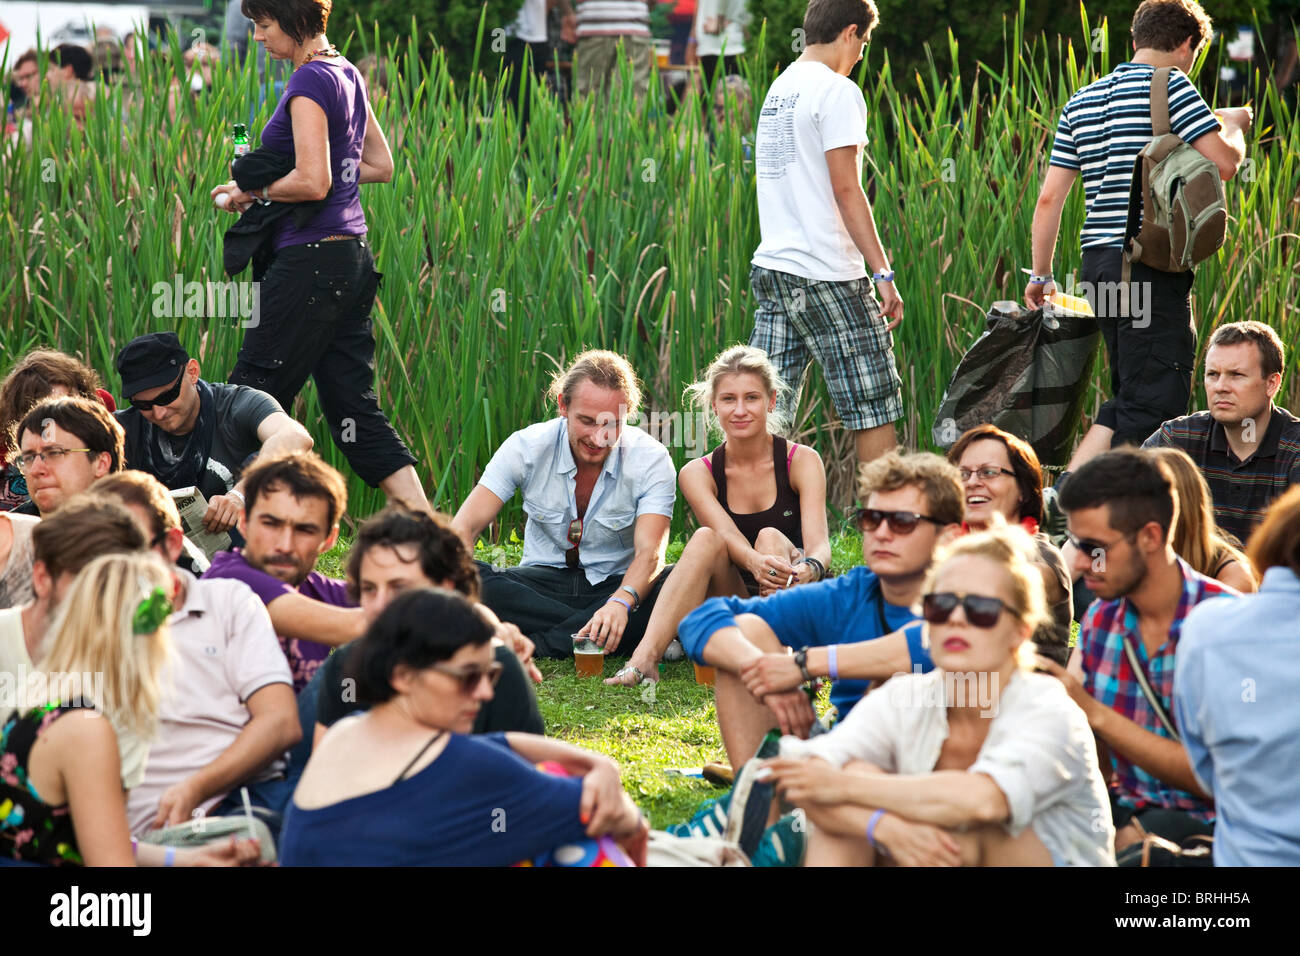 Los jóvenes durante el festival de rock, Katowice, Polonia Imagen De Stock